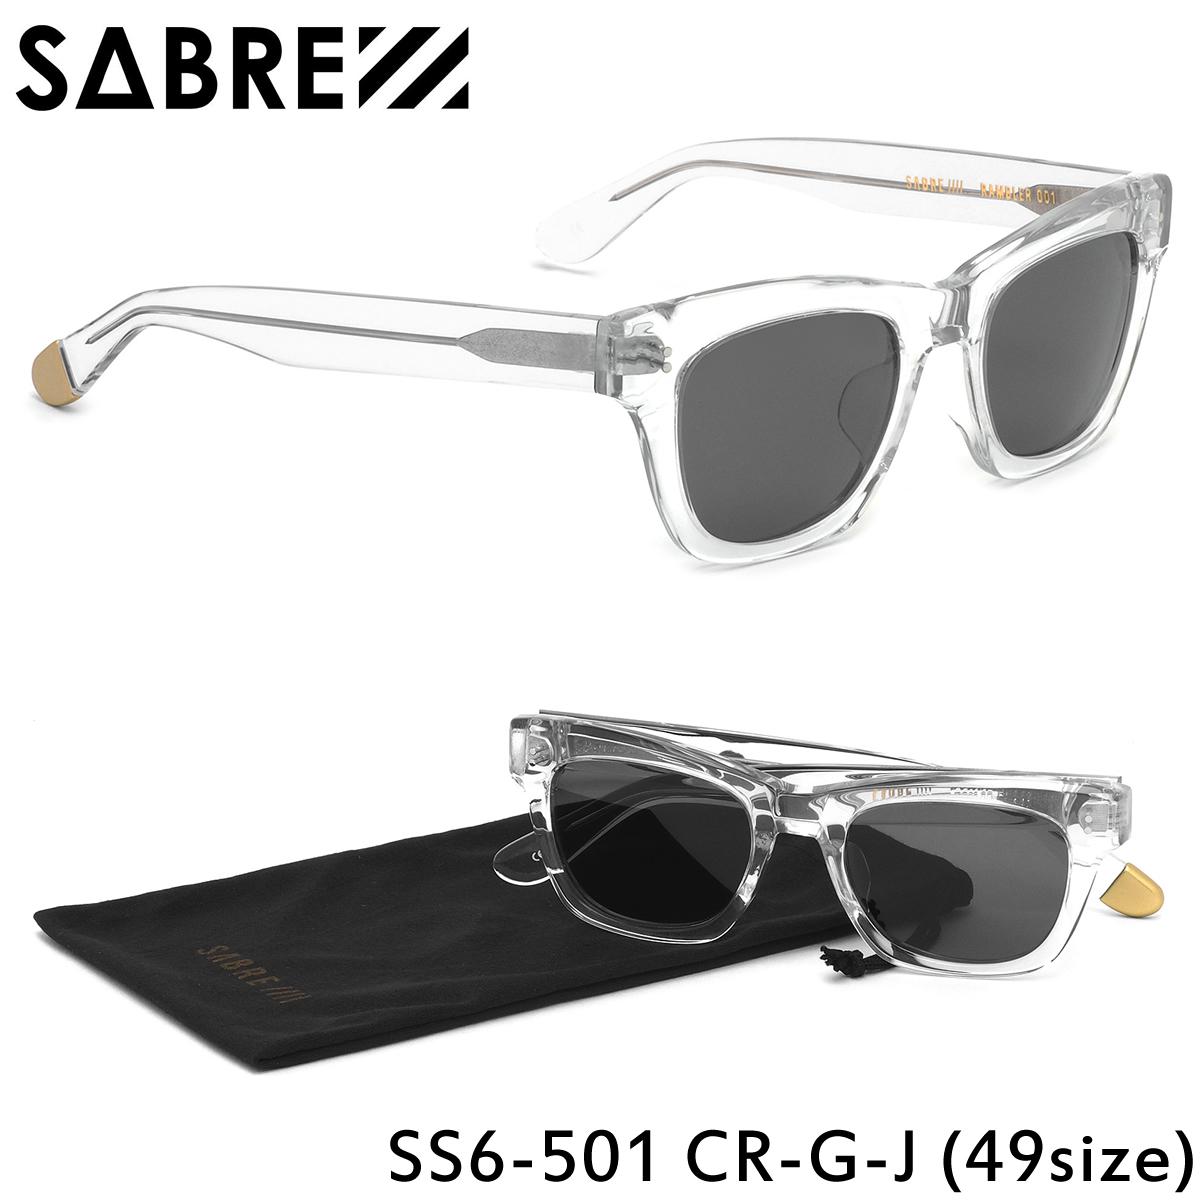 ほぼ全品ポイント15倍~20倍+15倍+2倍 セイバー SABRE サングラスSS6-501 CR-G-J 49サイズRAMBLER 001 ランブラー ウェリントン クラシック トレンドセイバー SABRE メンズ レディース